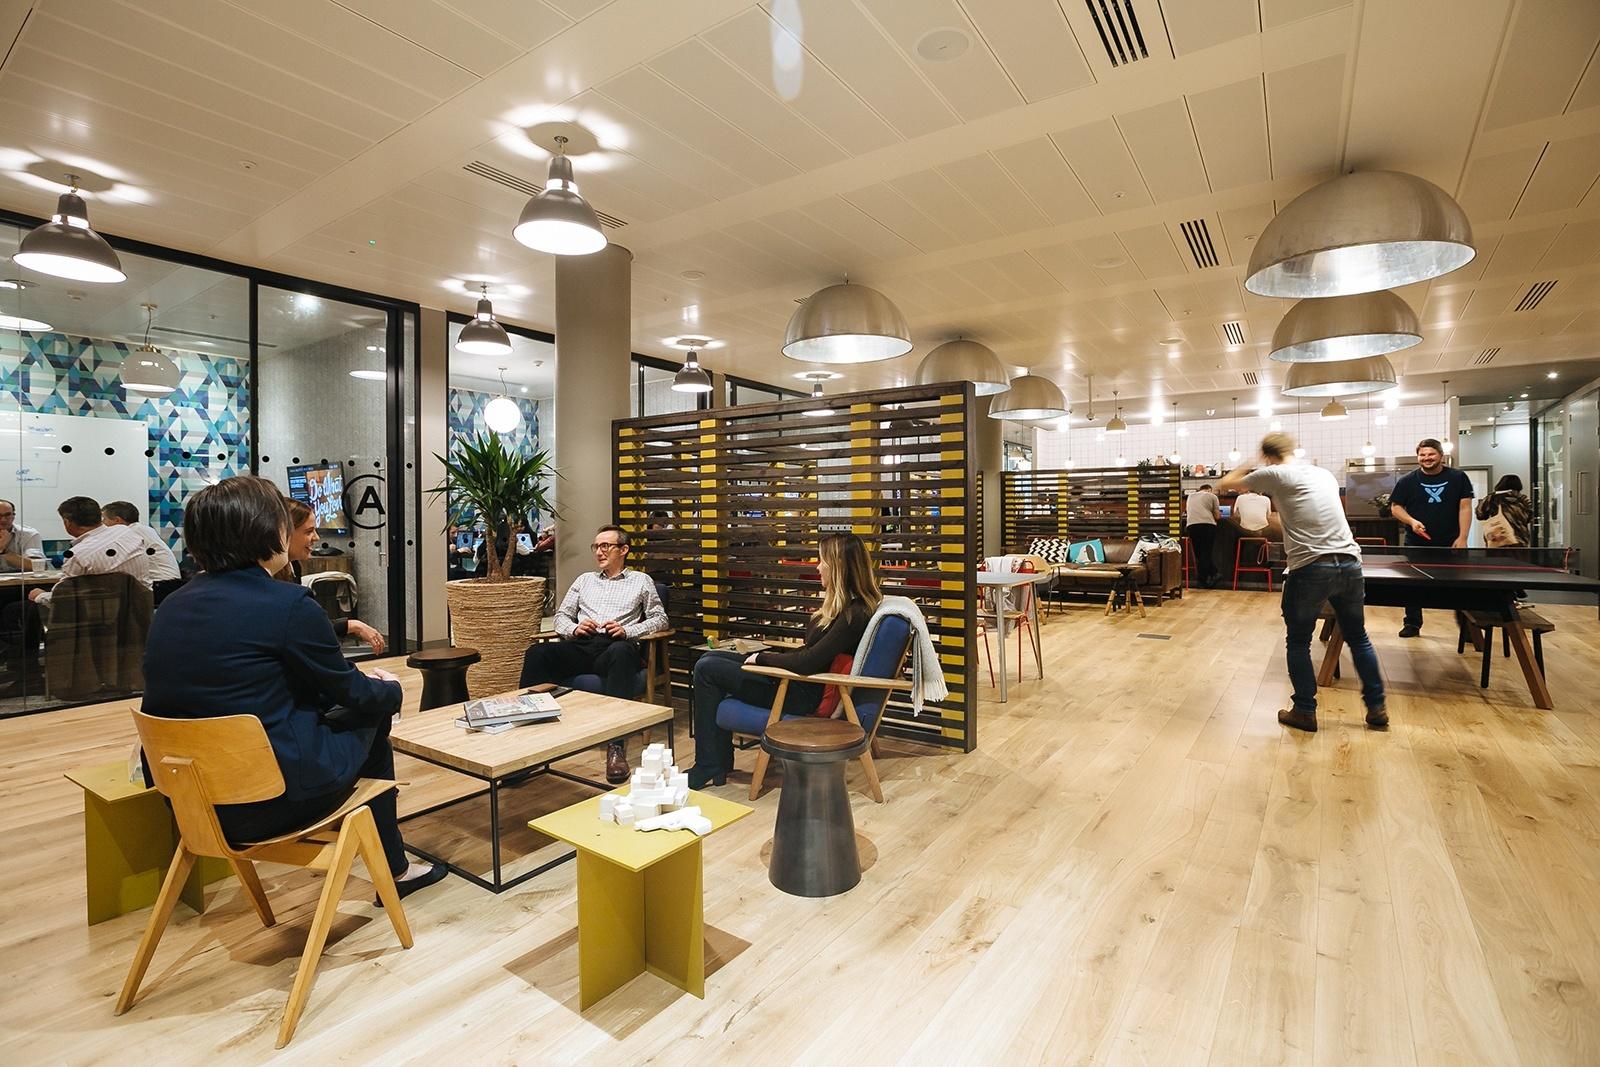 wework-moorgate-4 - A Look Inside WeWork's Moorgate Coworking Space